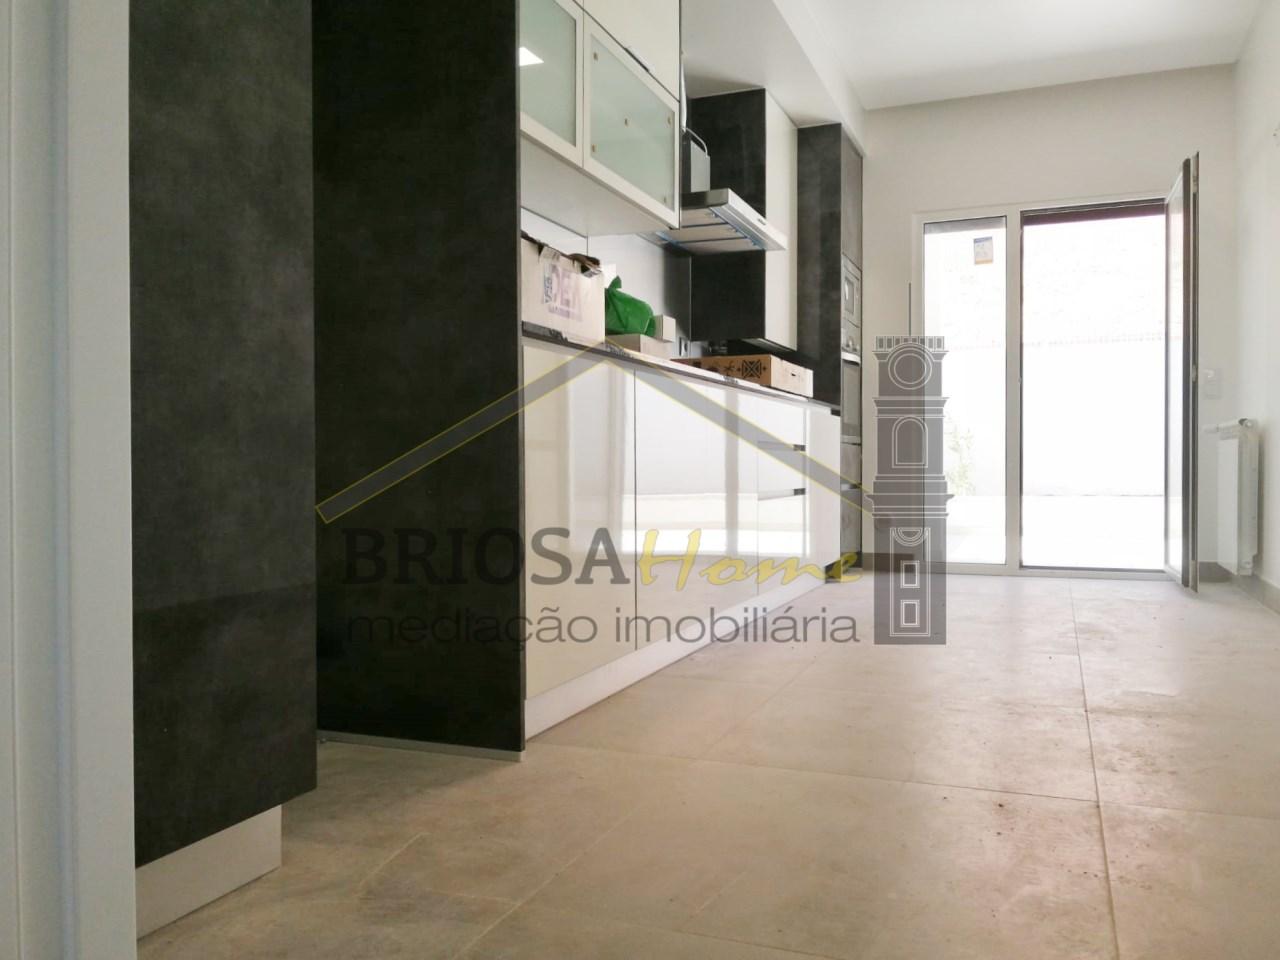 1 Zimmer Wohnung Mit Garage In Figueira Da Foz